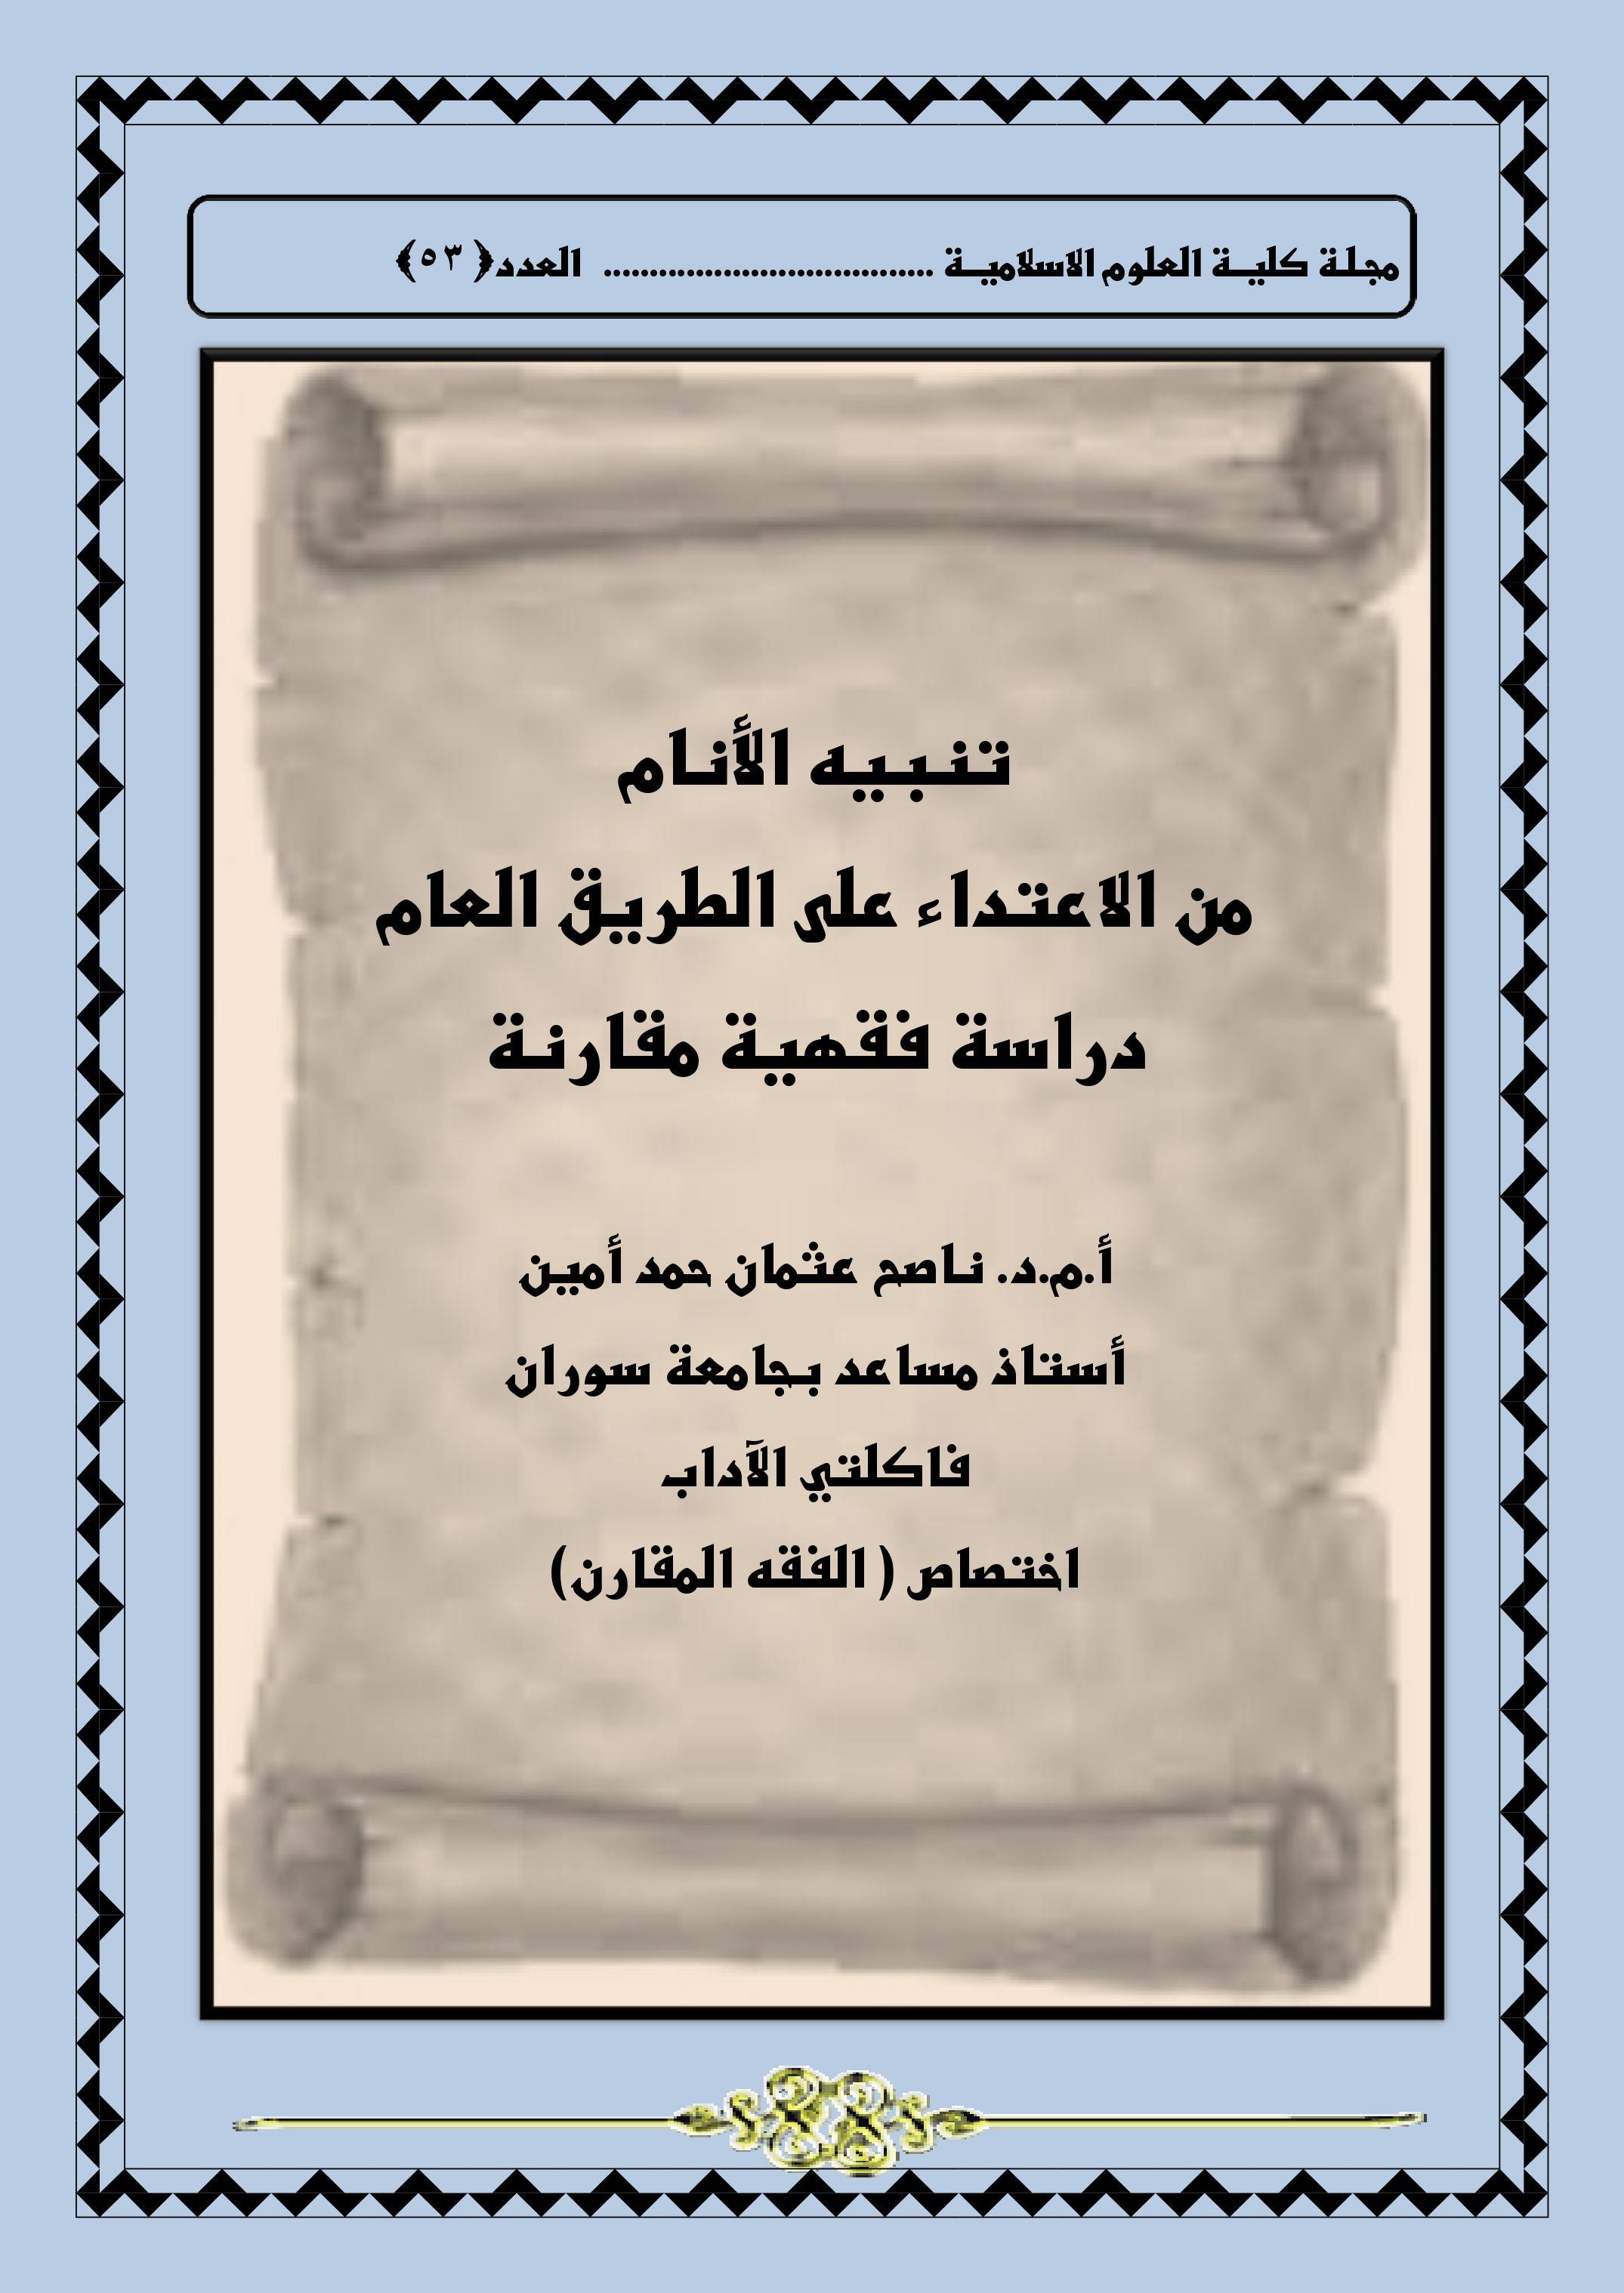 بحث مستل من مخطوطة زبدة الفتاوى للشيخ محمد بن يوسف القرماني القونوي (ت: 886هـ) مسائل الكتابة في الطلاق (دراسة وتحقيق)